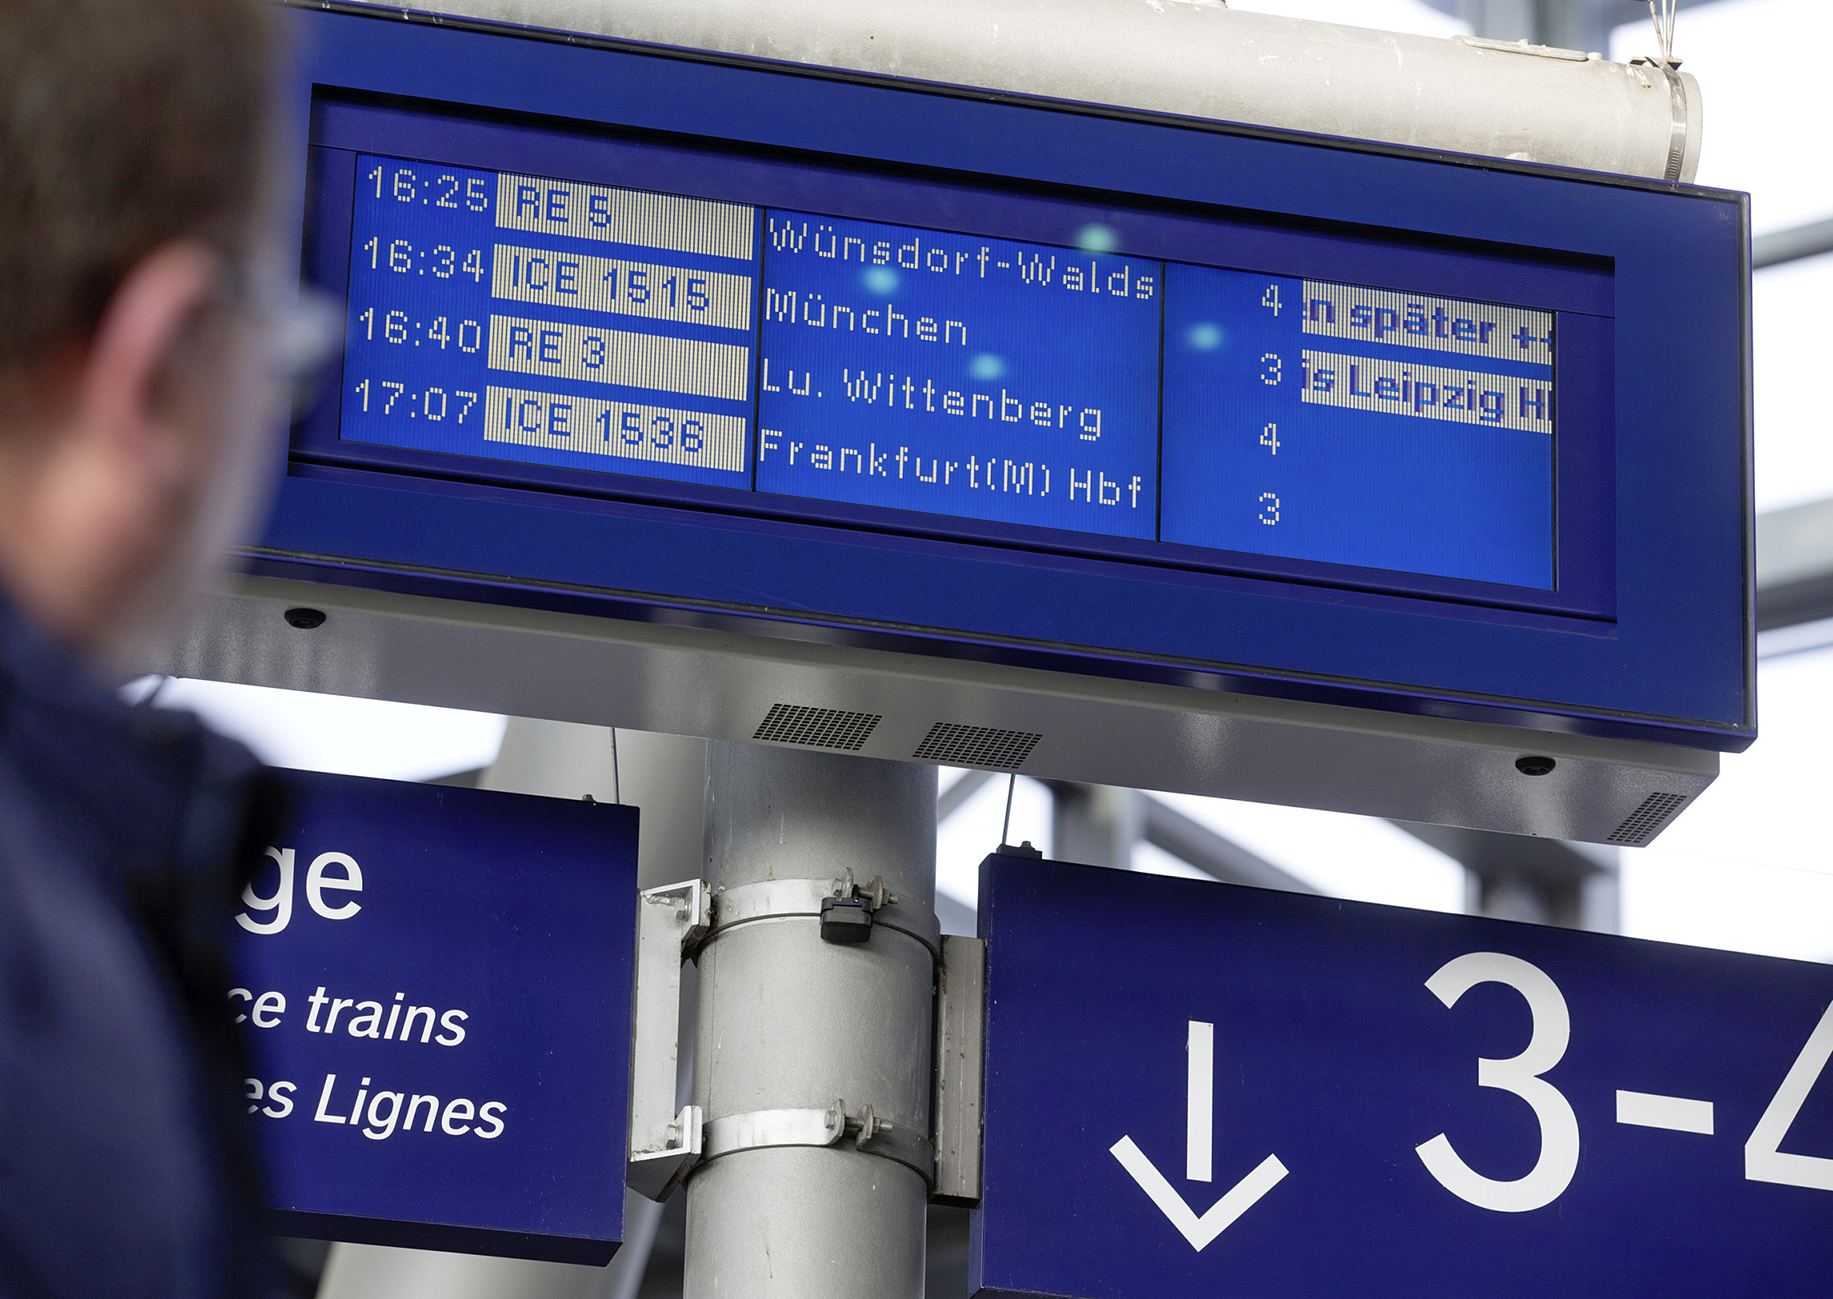 Zugzielanzeige im Bahnhof Berlin Südkreuz